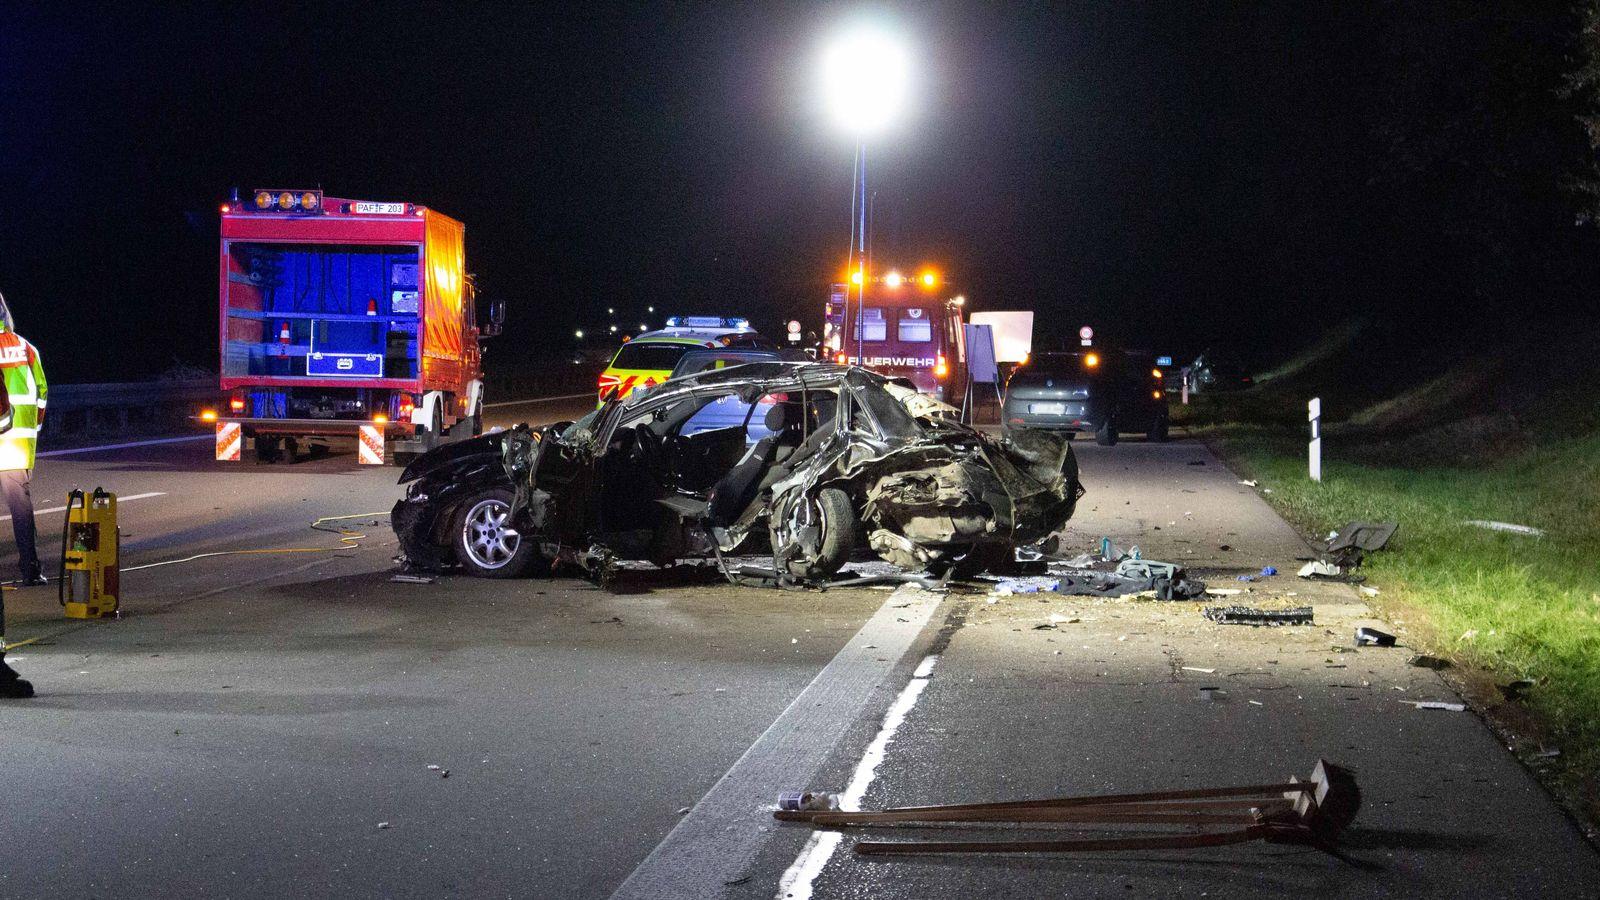 Untersuchungshaft nach tödlichem Unfall auf der A9 bei Manching - BR24